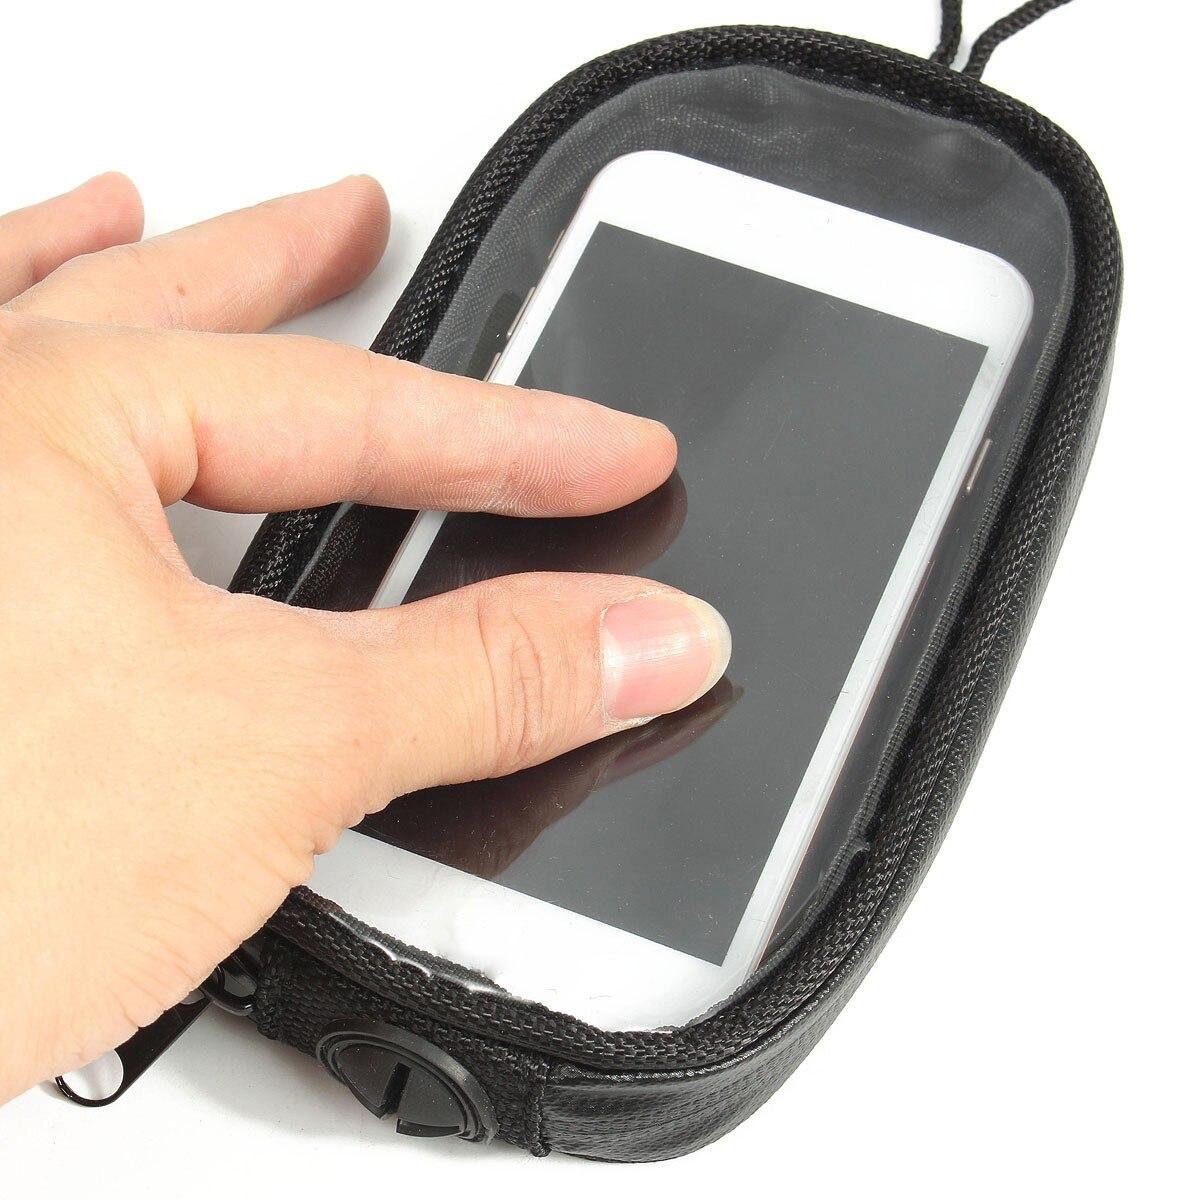 Universal Schwarz Motorrad Taschen Magnetische Gas Tank Klar Für Handy Fall für motorrad Halter Halterung